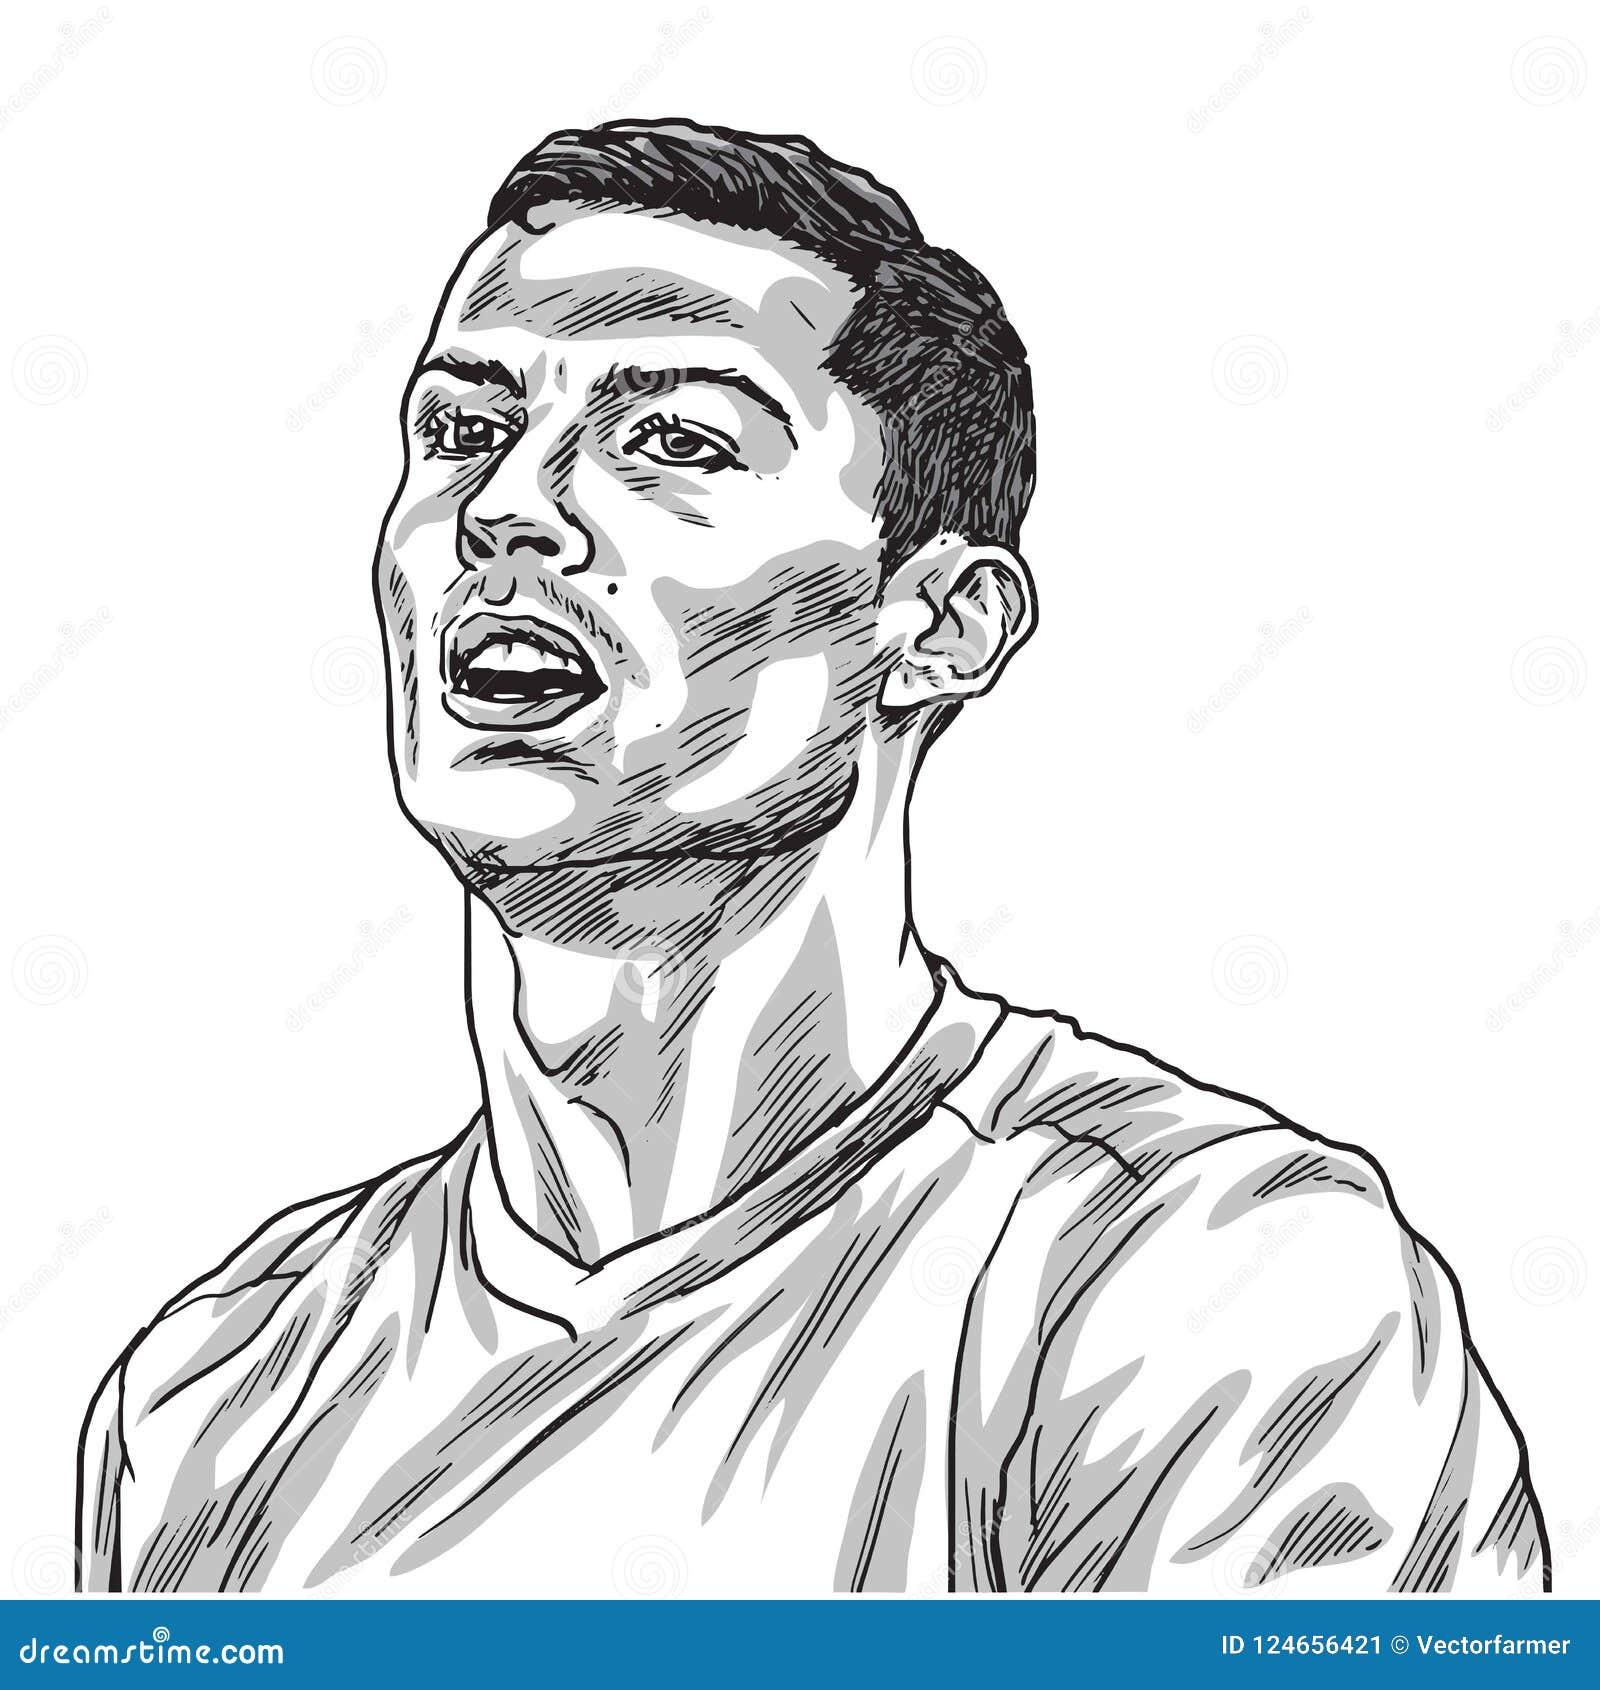 cristiano ronaldo vector portrait drawing line